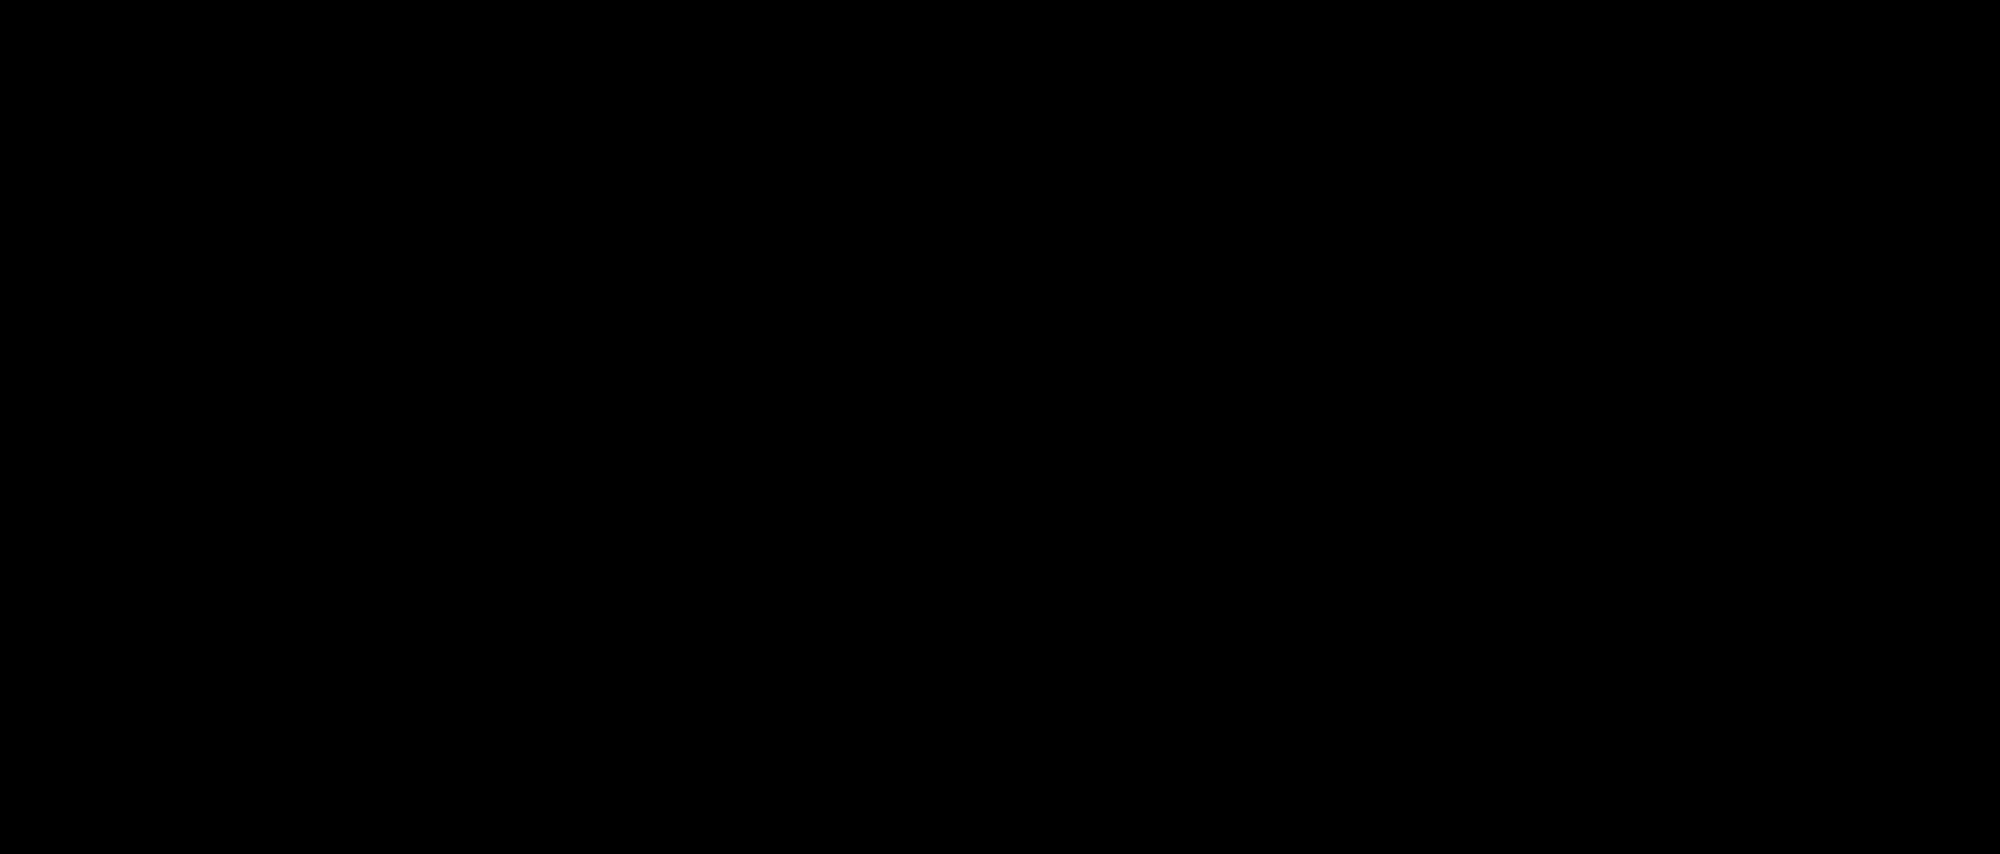 InkCyprus